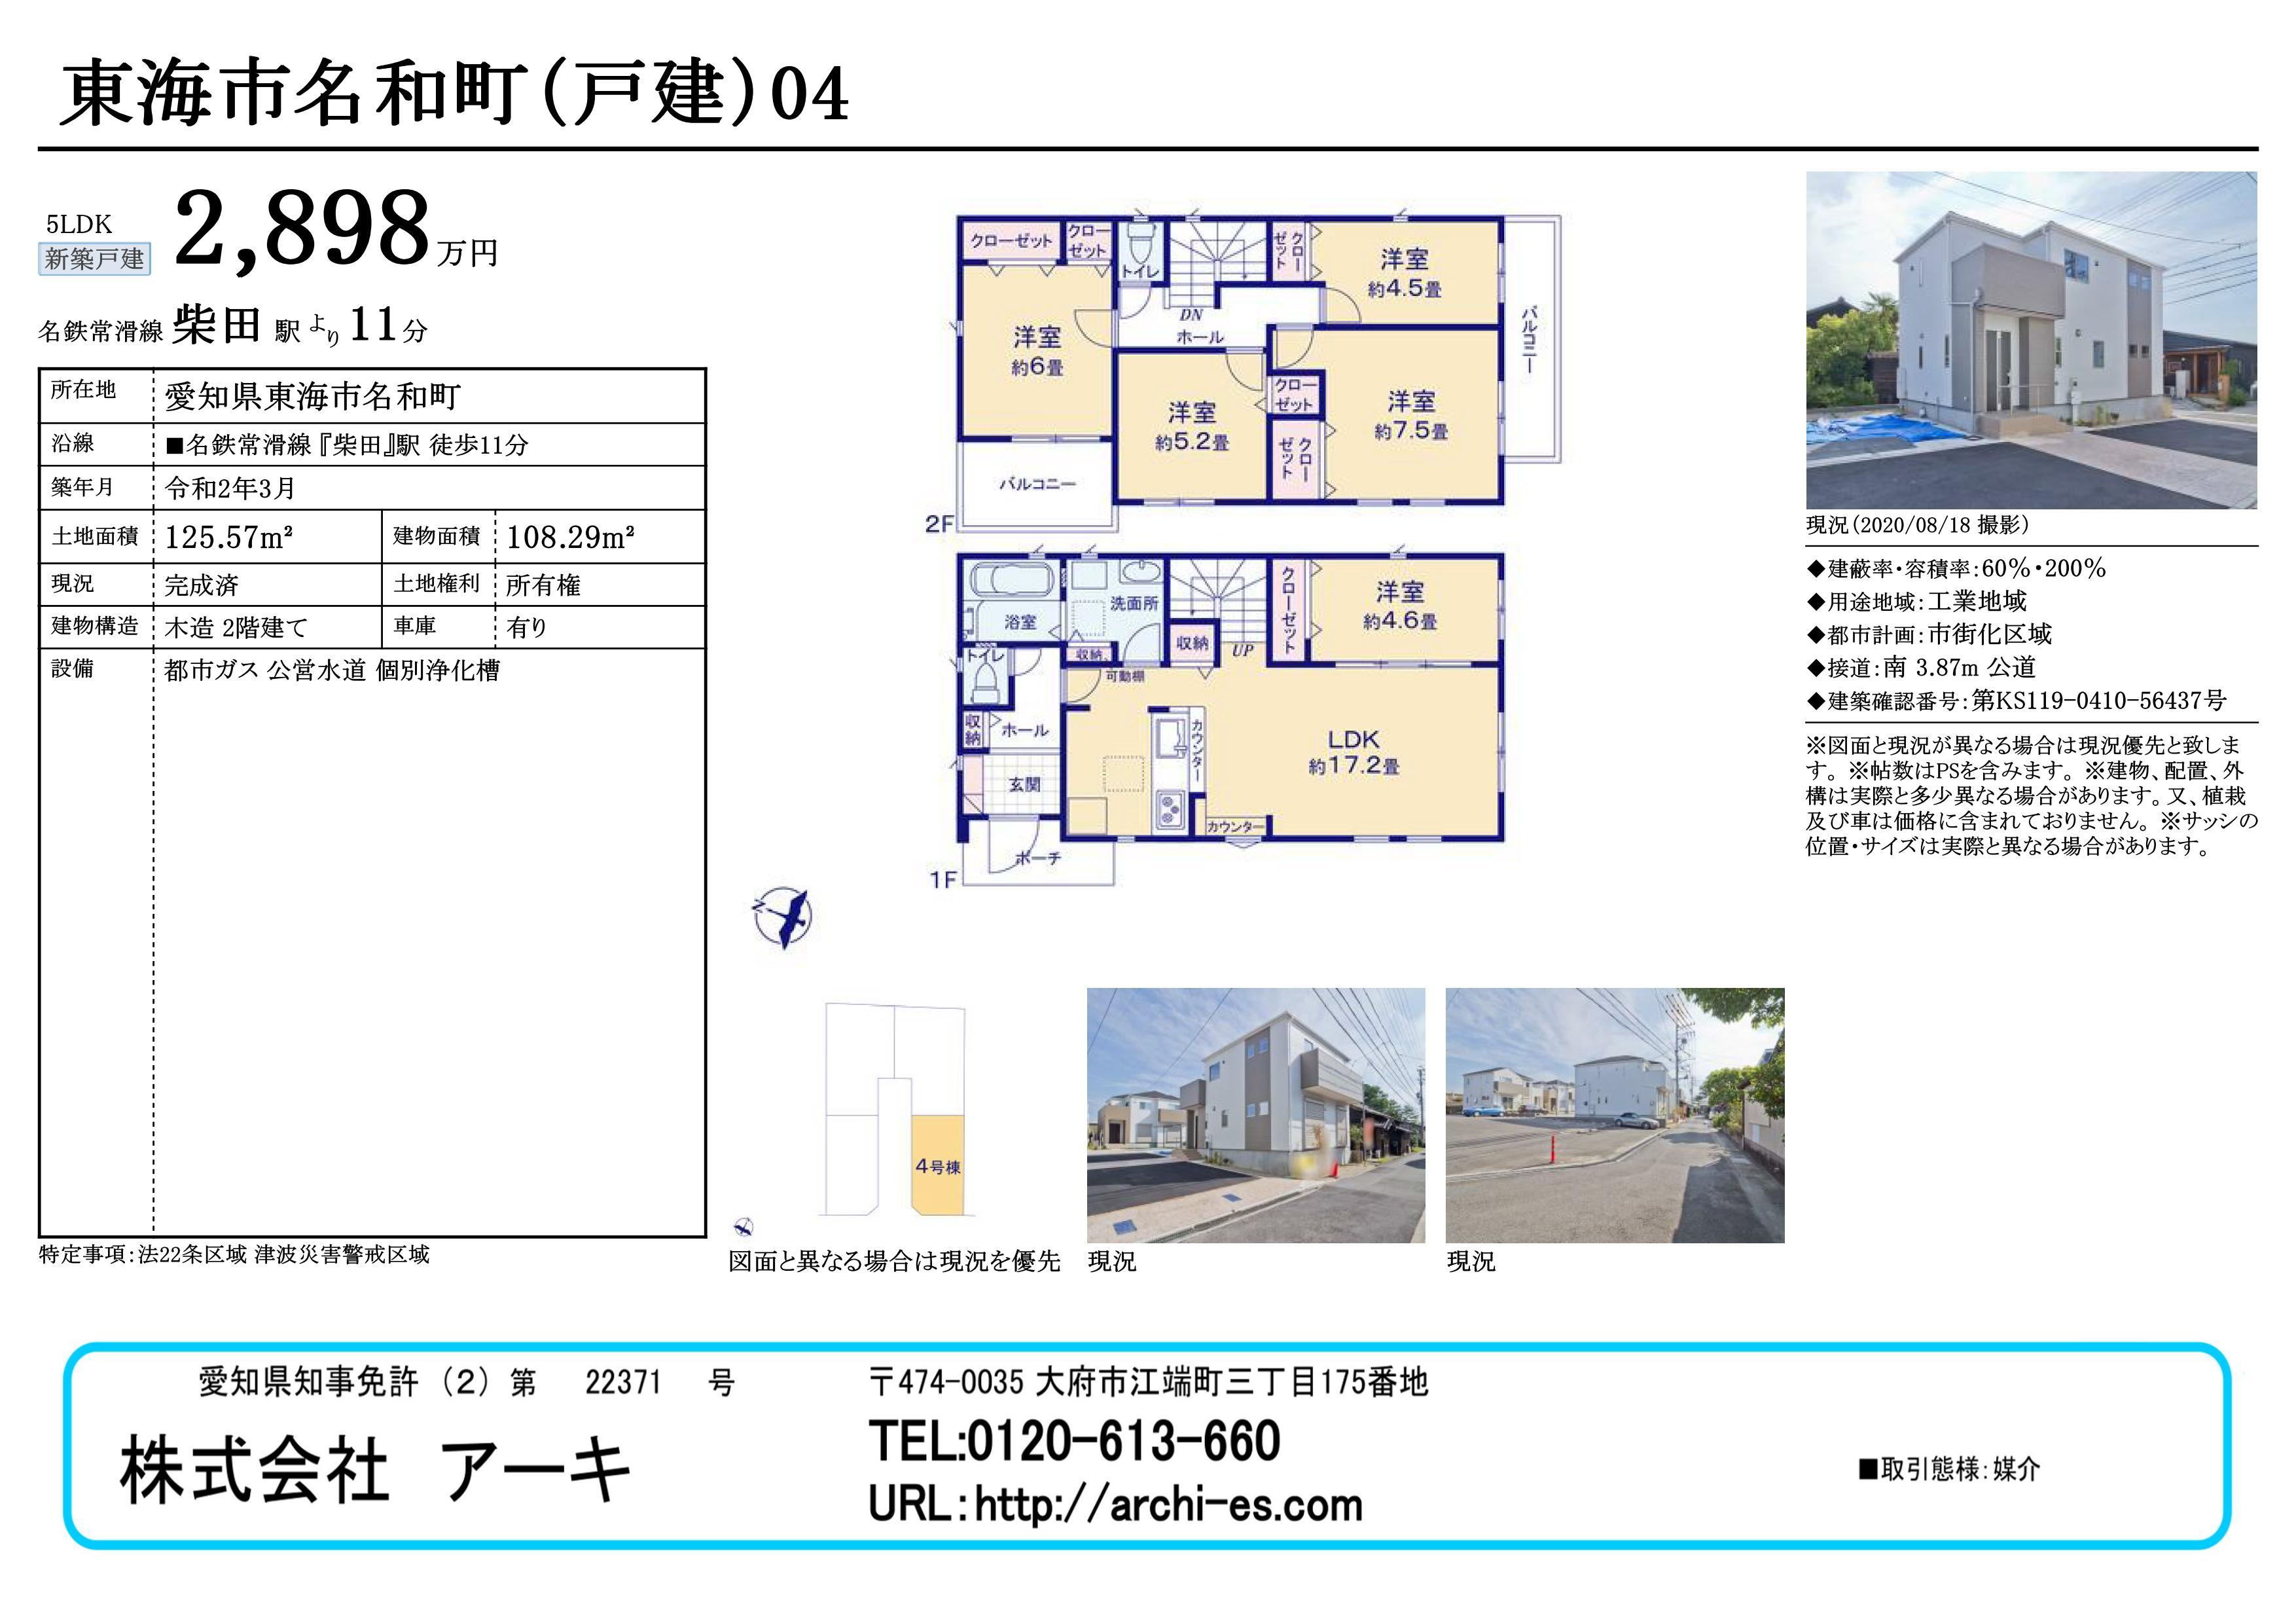 4590600_4590601(20210117105116)_東海市名和町(戸建)04_オリジナル図面_01